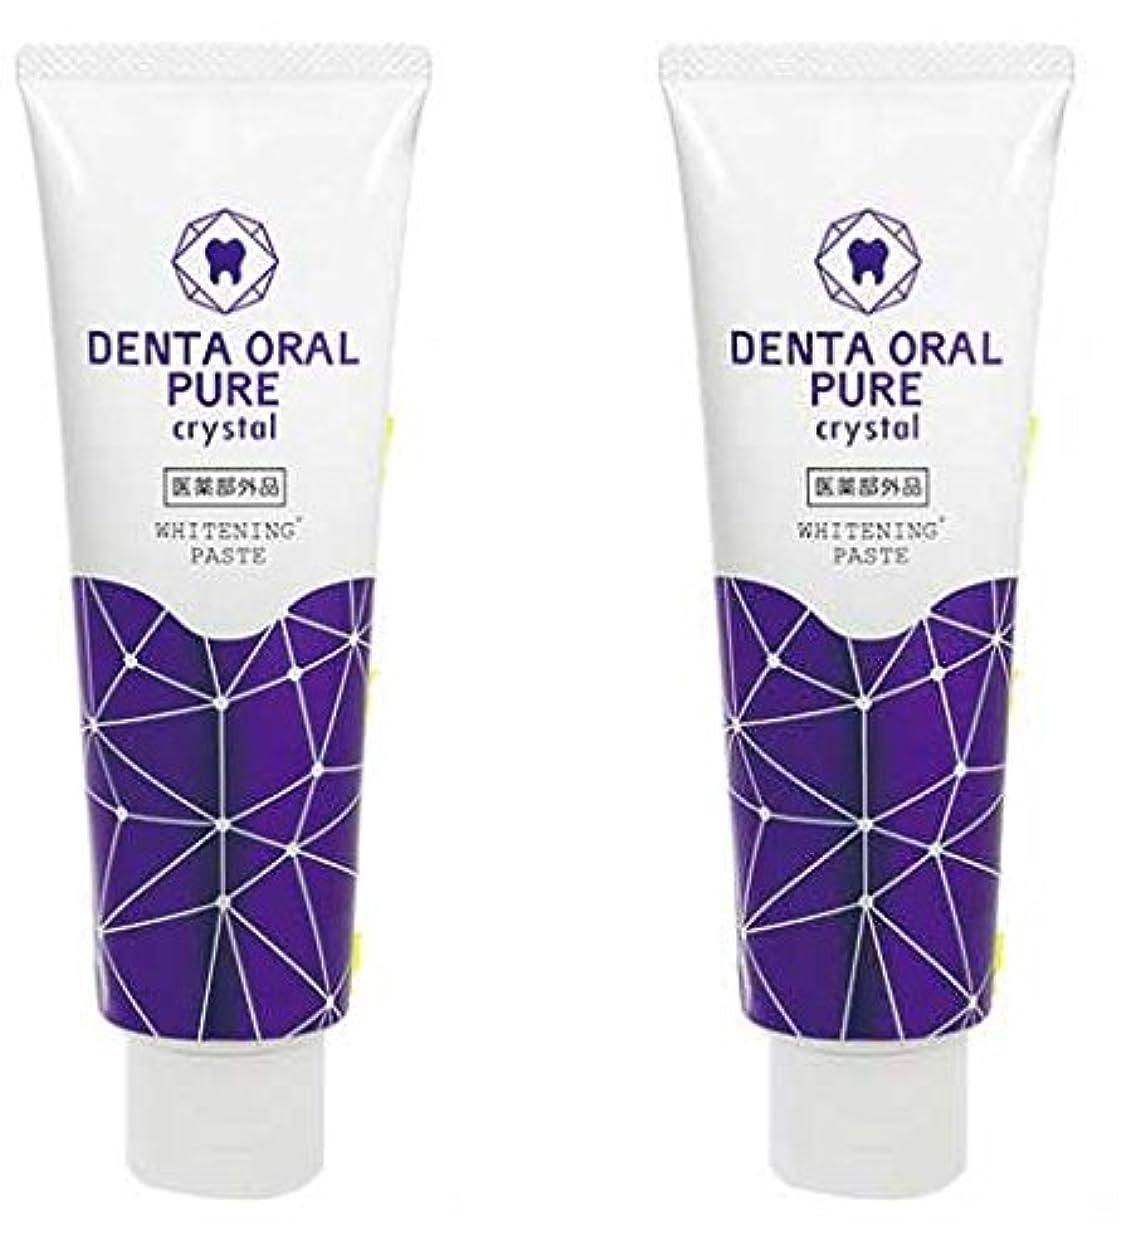 排気酸化物船酔いホワイトニング歯磨き粉 デンタオーラルピュア クリスタル 2個セット 医薬部外品